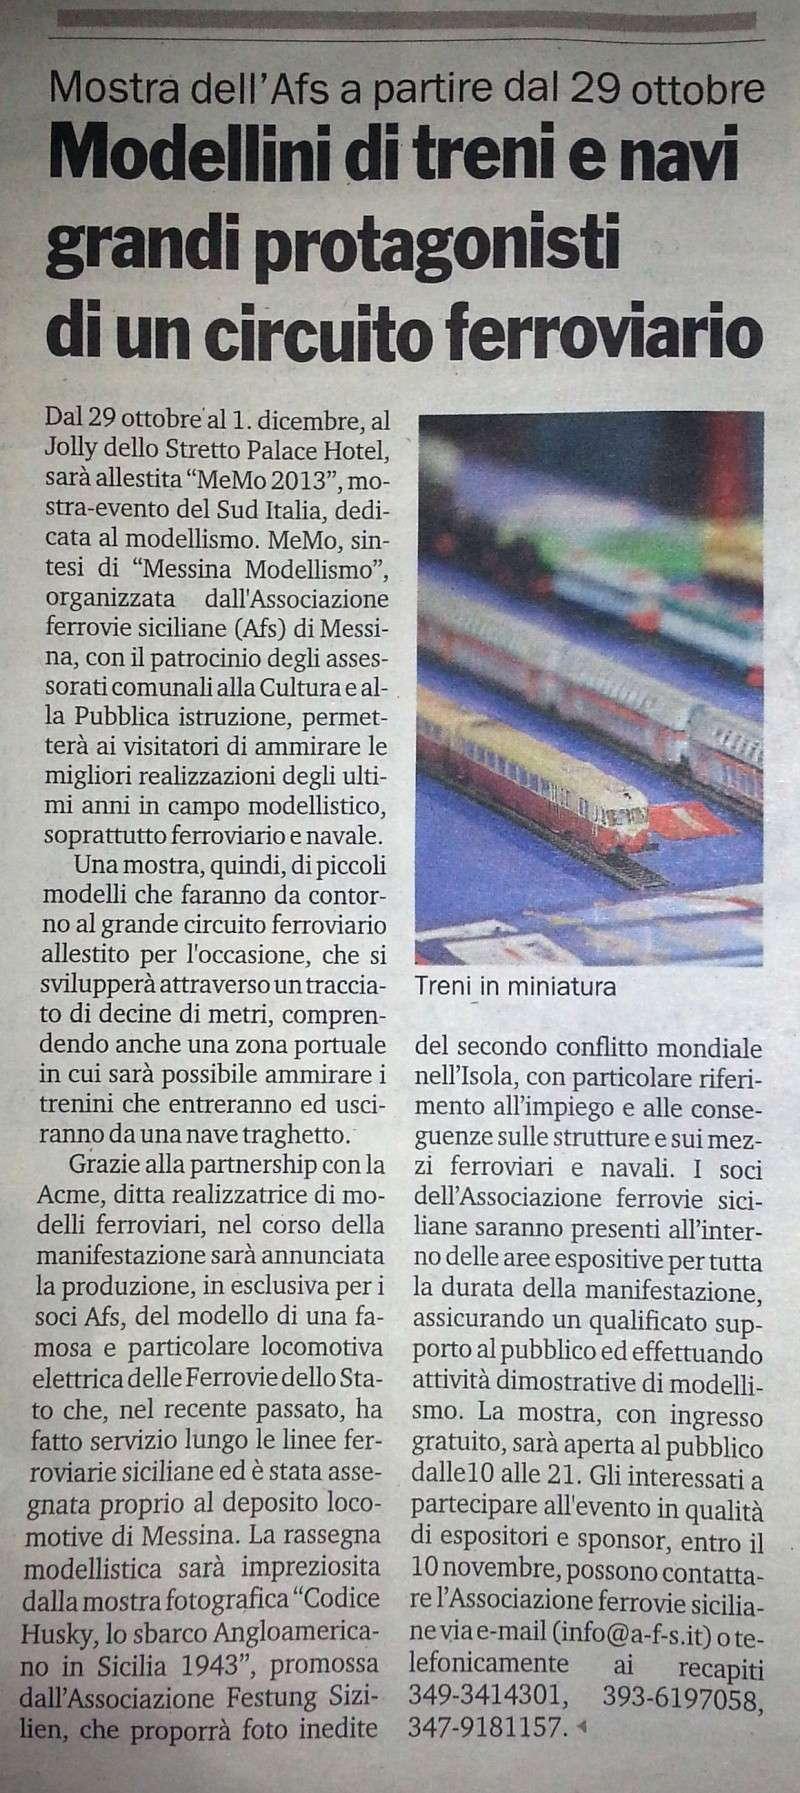 29 novembre - 1 dicembre 2013, MeMo 2013, Piccoli modelli per una Grande passione 20131110